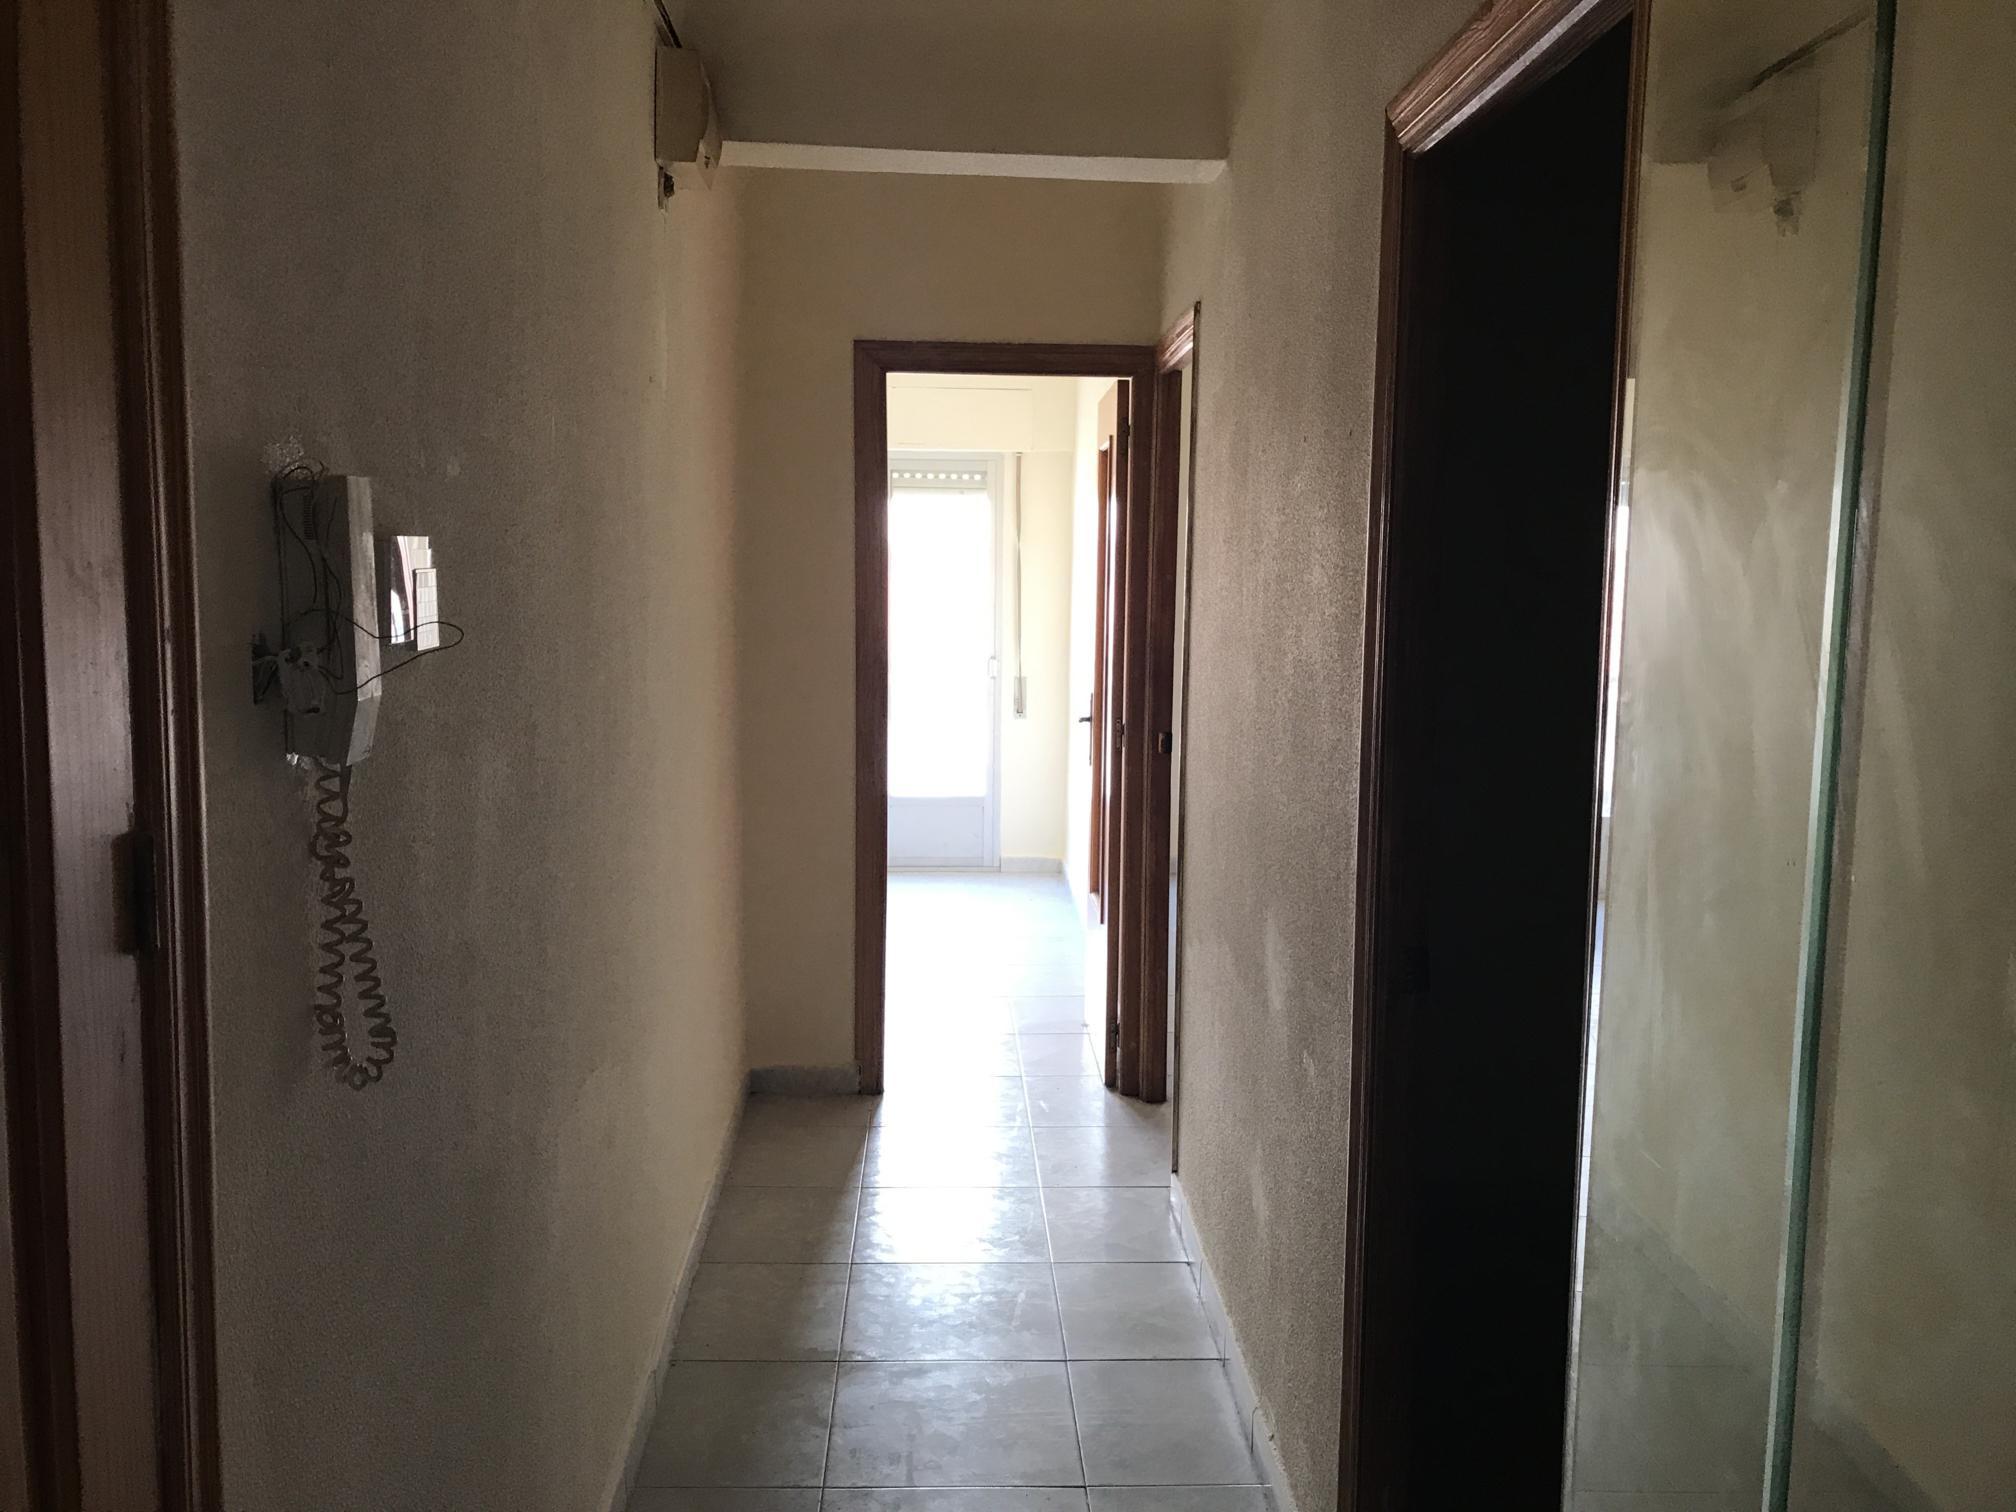 Piso en venta en Elche/elx, Alicante, Calle Manuel Ruiz Magro, 30.000 €, 3 habitaciones, 1 baño, 78 m2